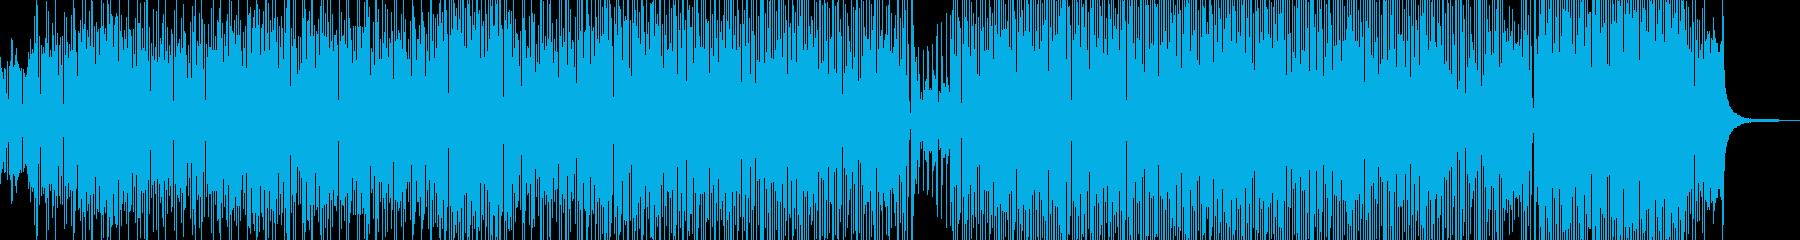 チェンバロ・ディズニー風パレードポップの再生済みの波形